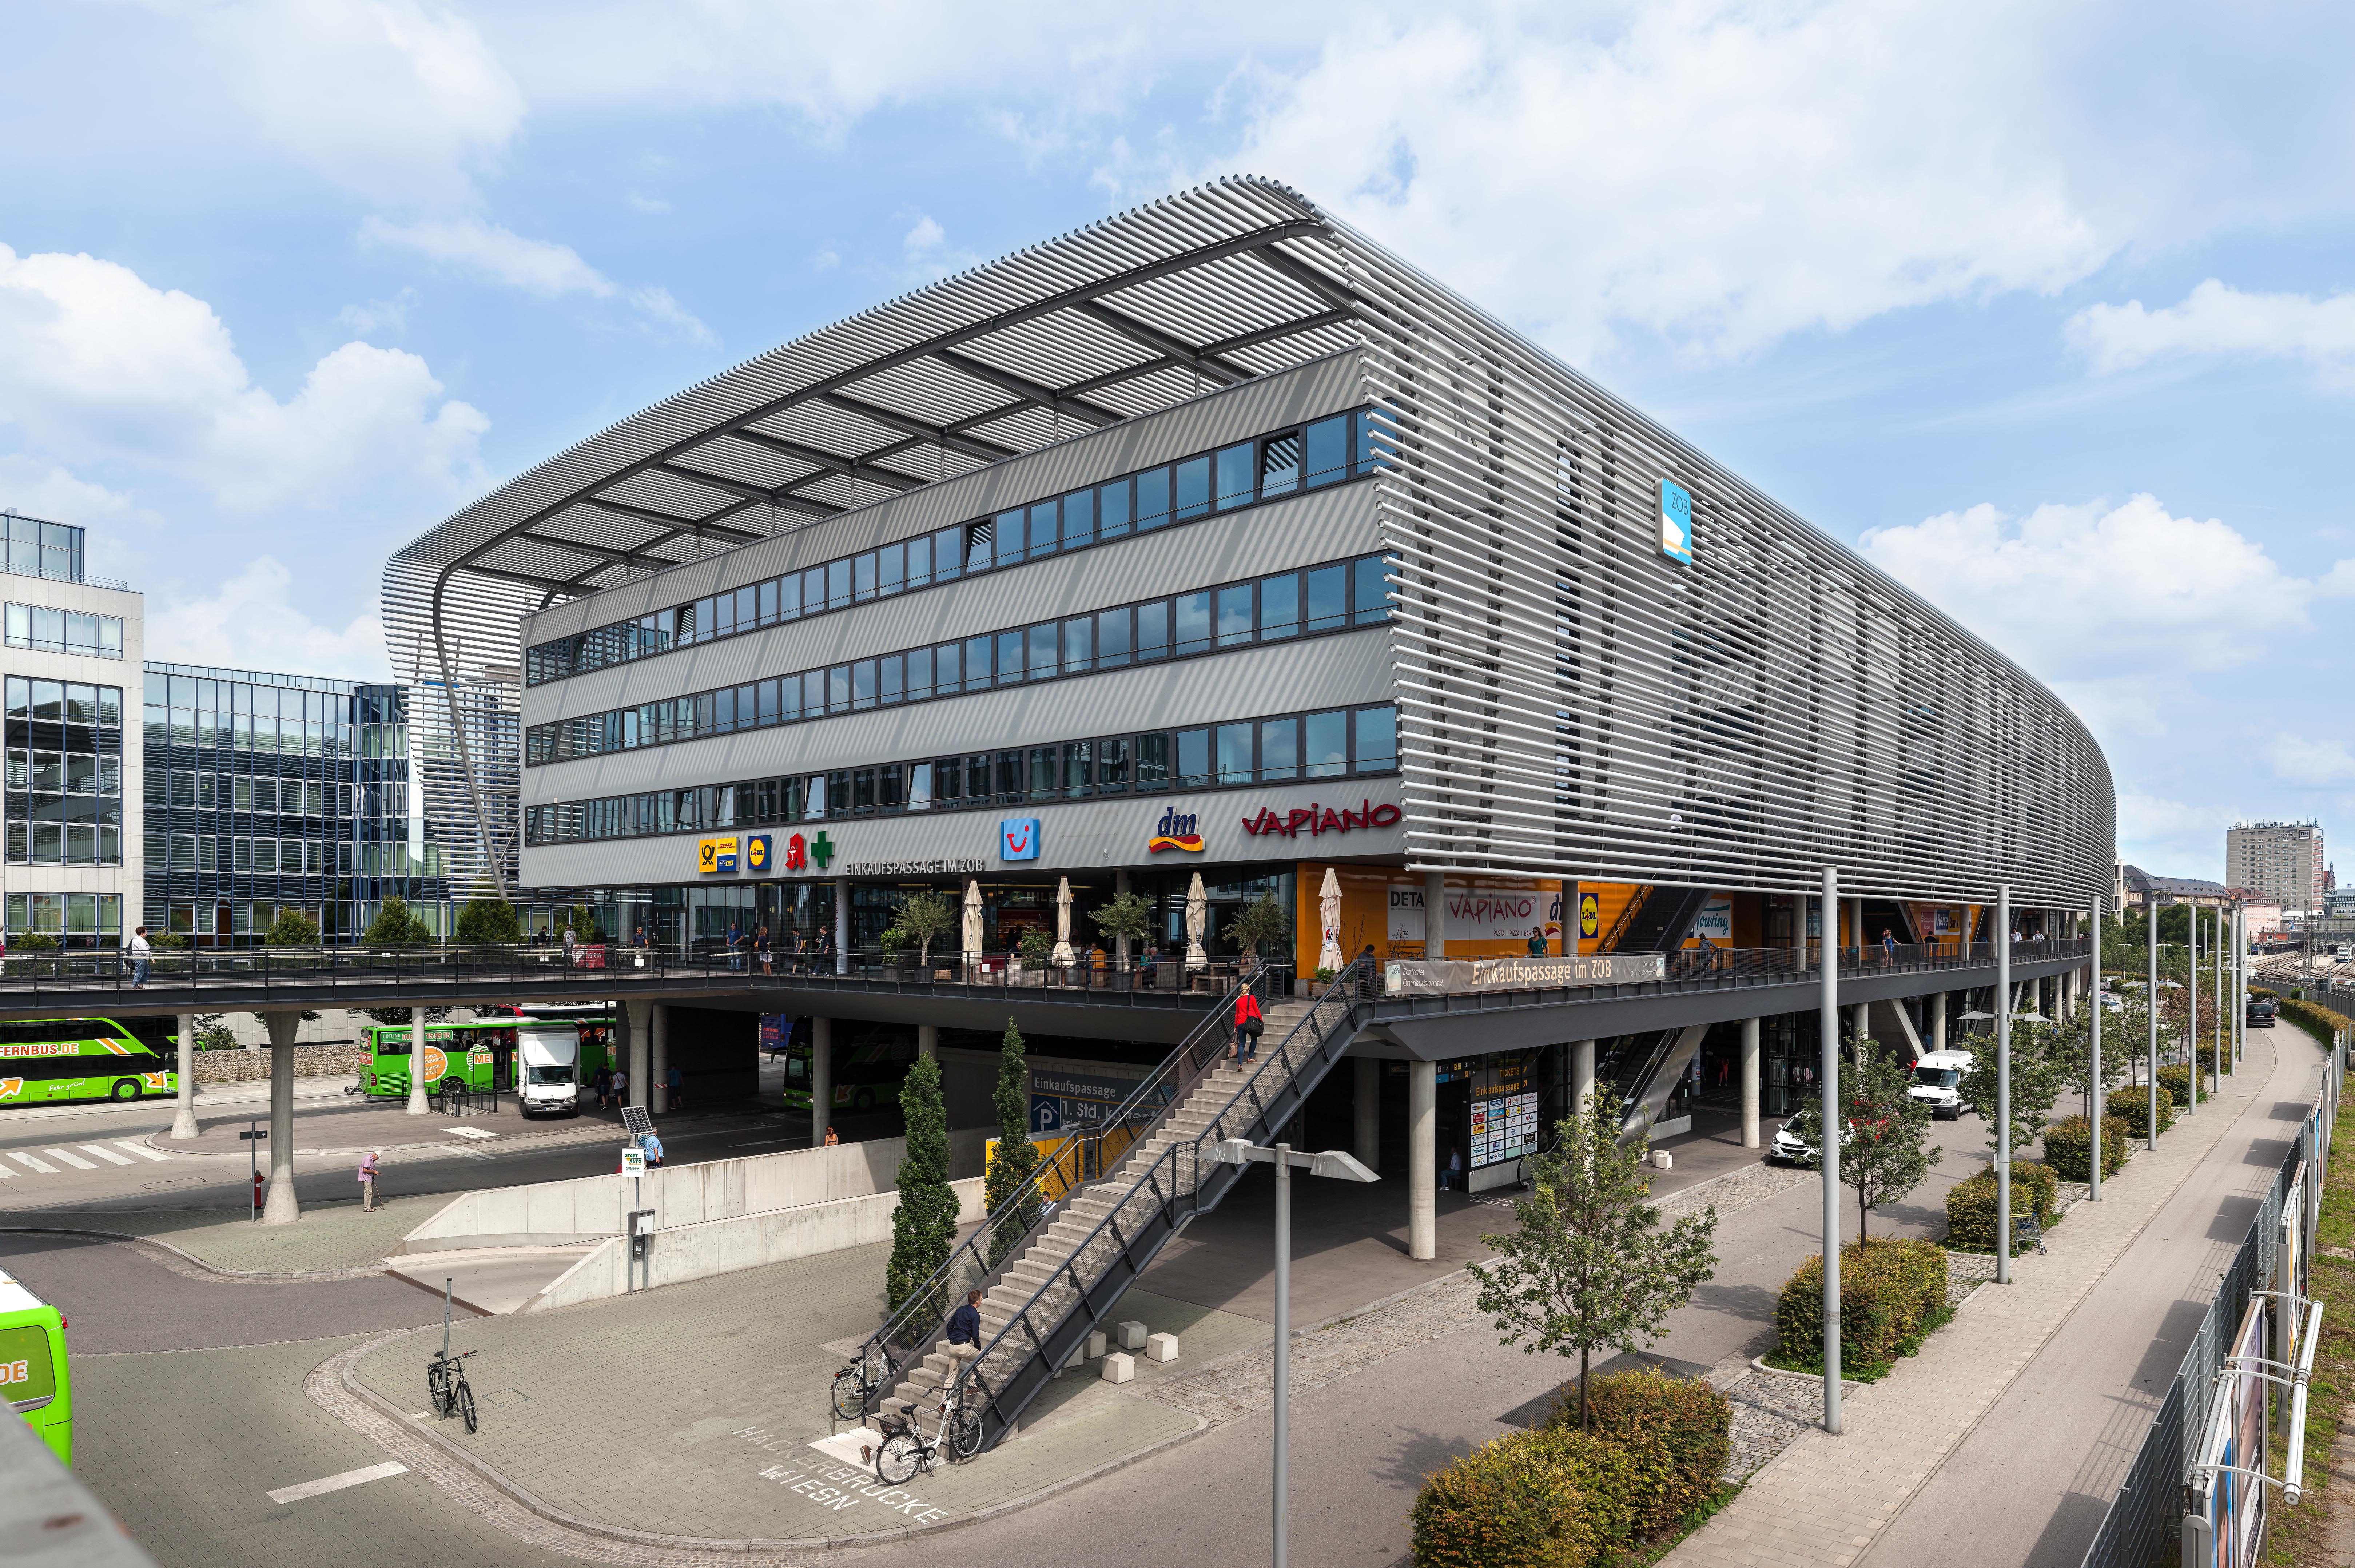 Zentraler Omnibusbahnhof München Reiseführer Auf Wikivoyage